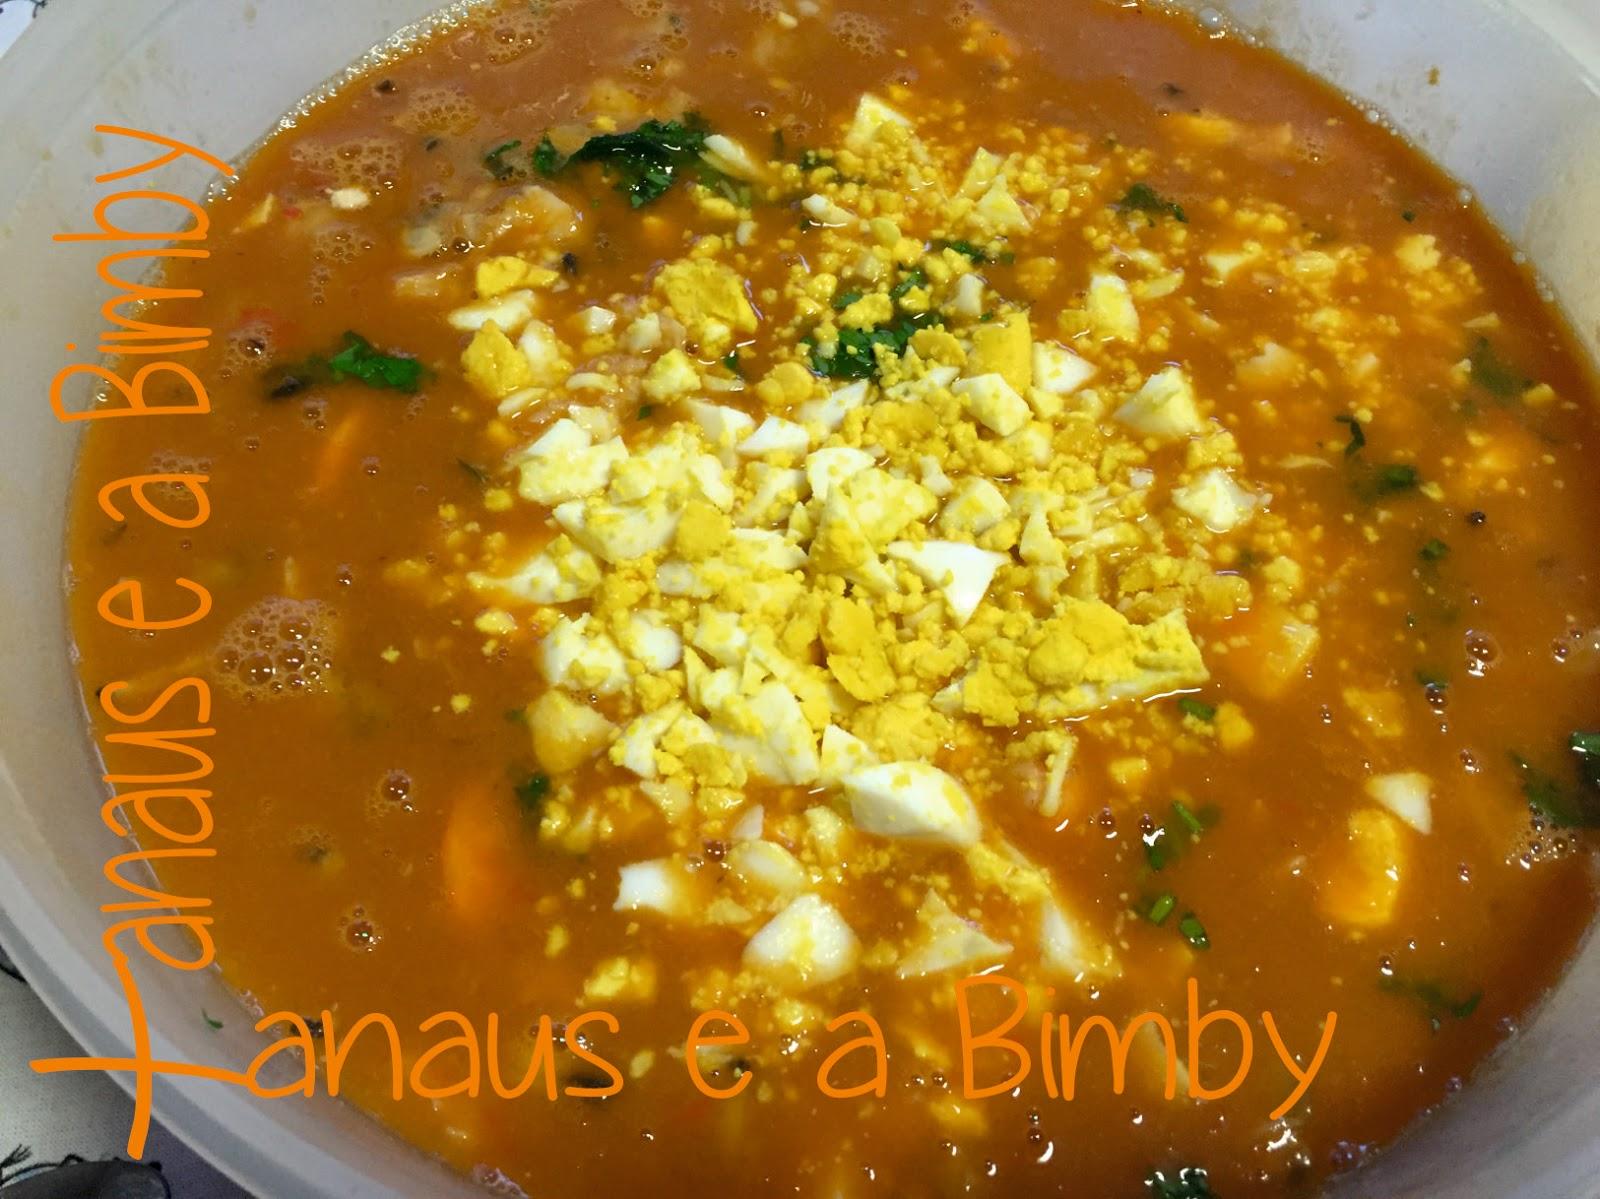 Sopa de Peixe na Bimby